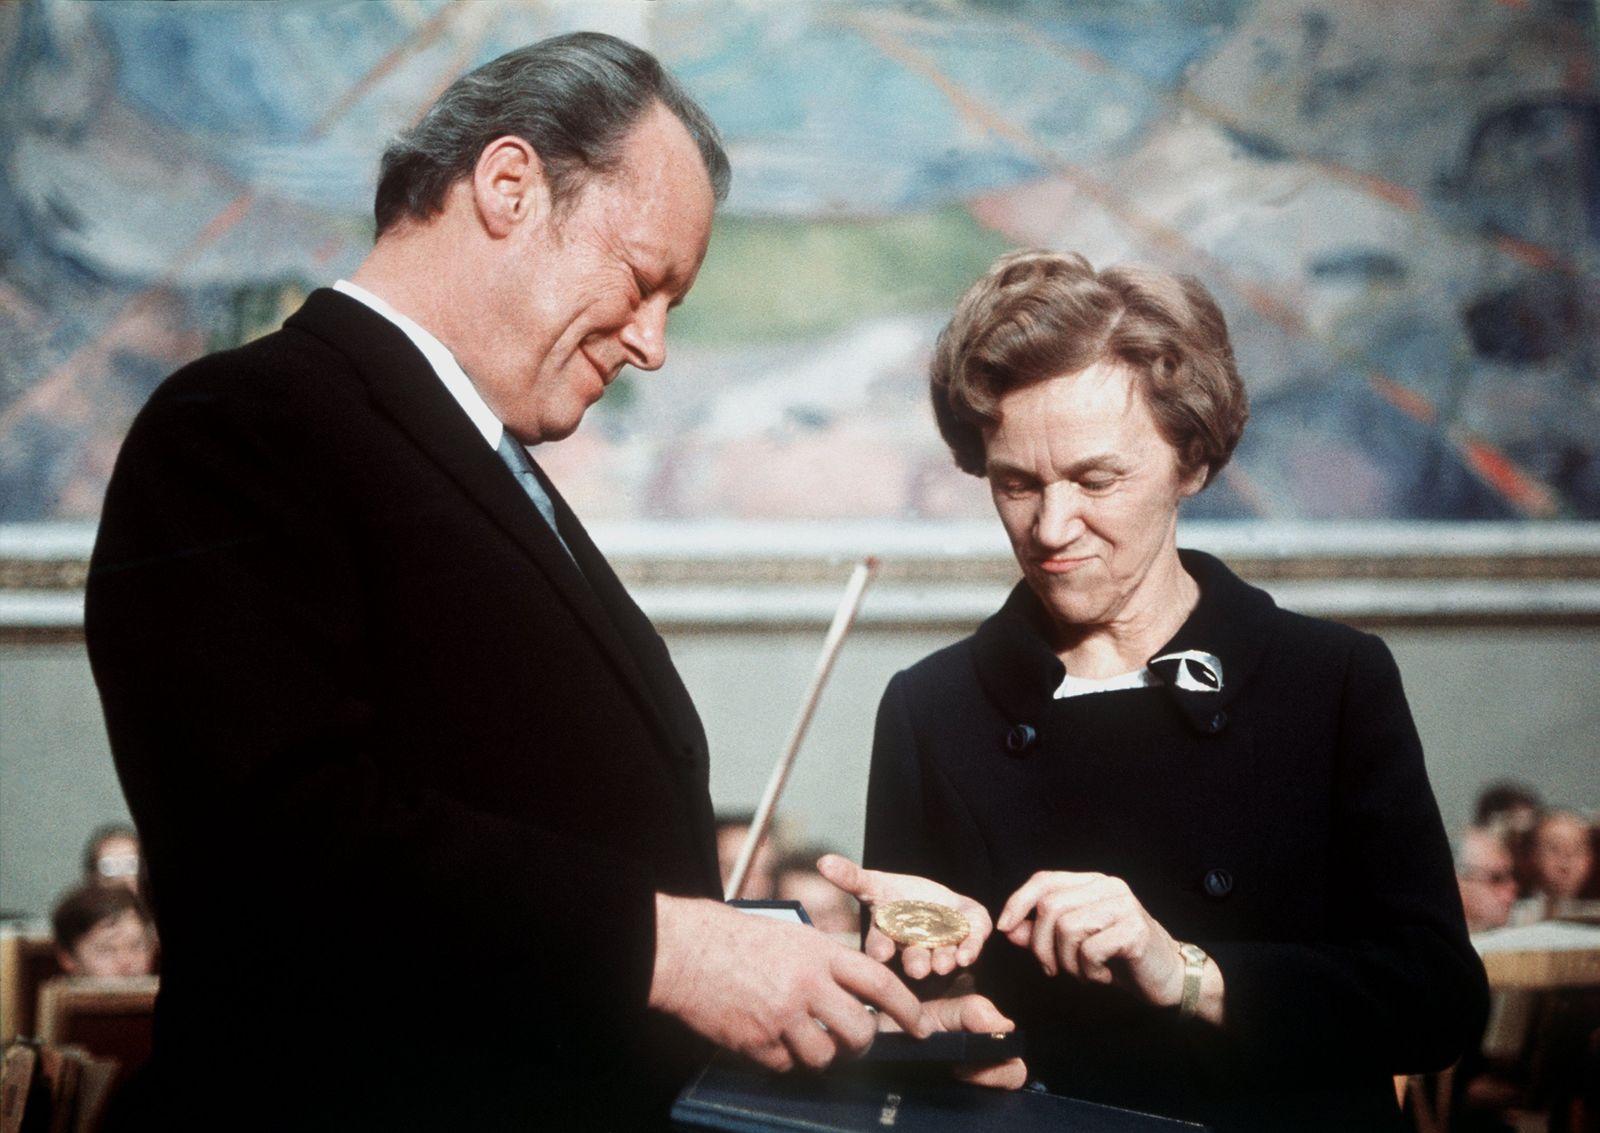 Willy Brandt / Friedensnobelpreis 1971